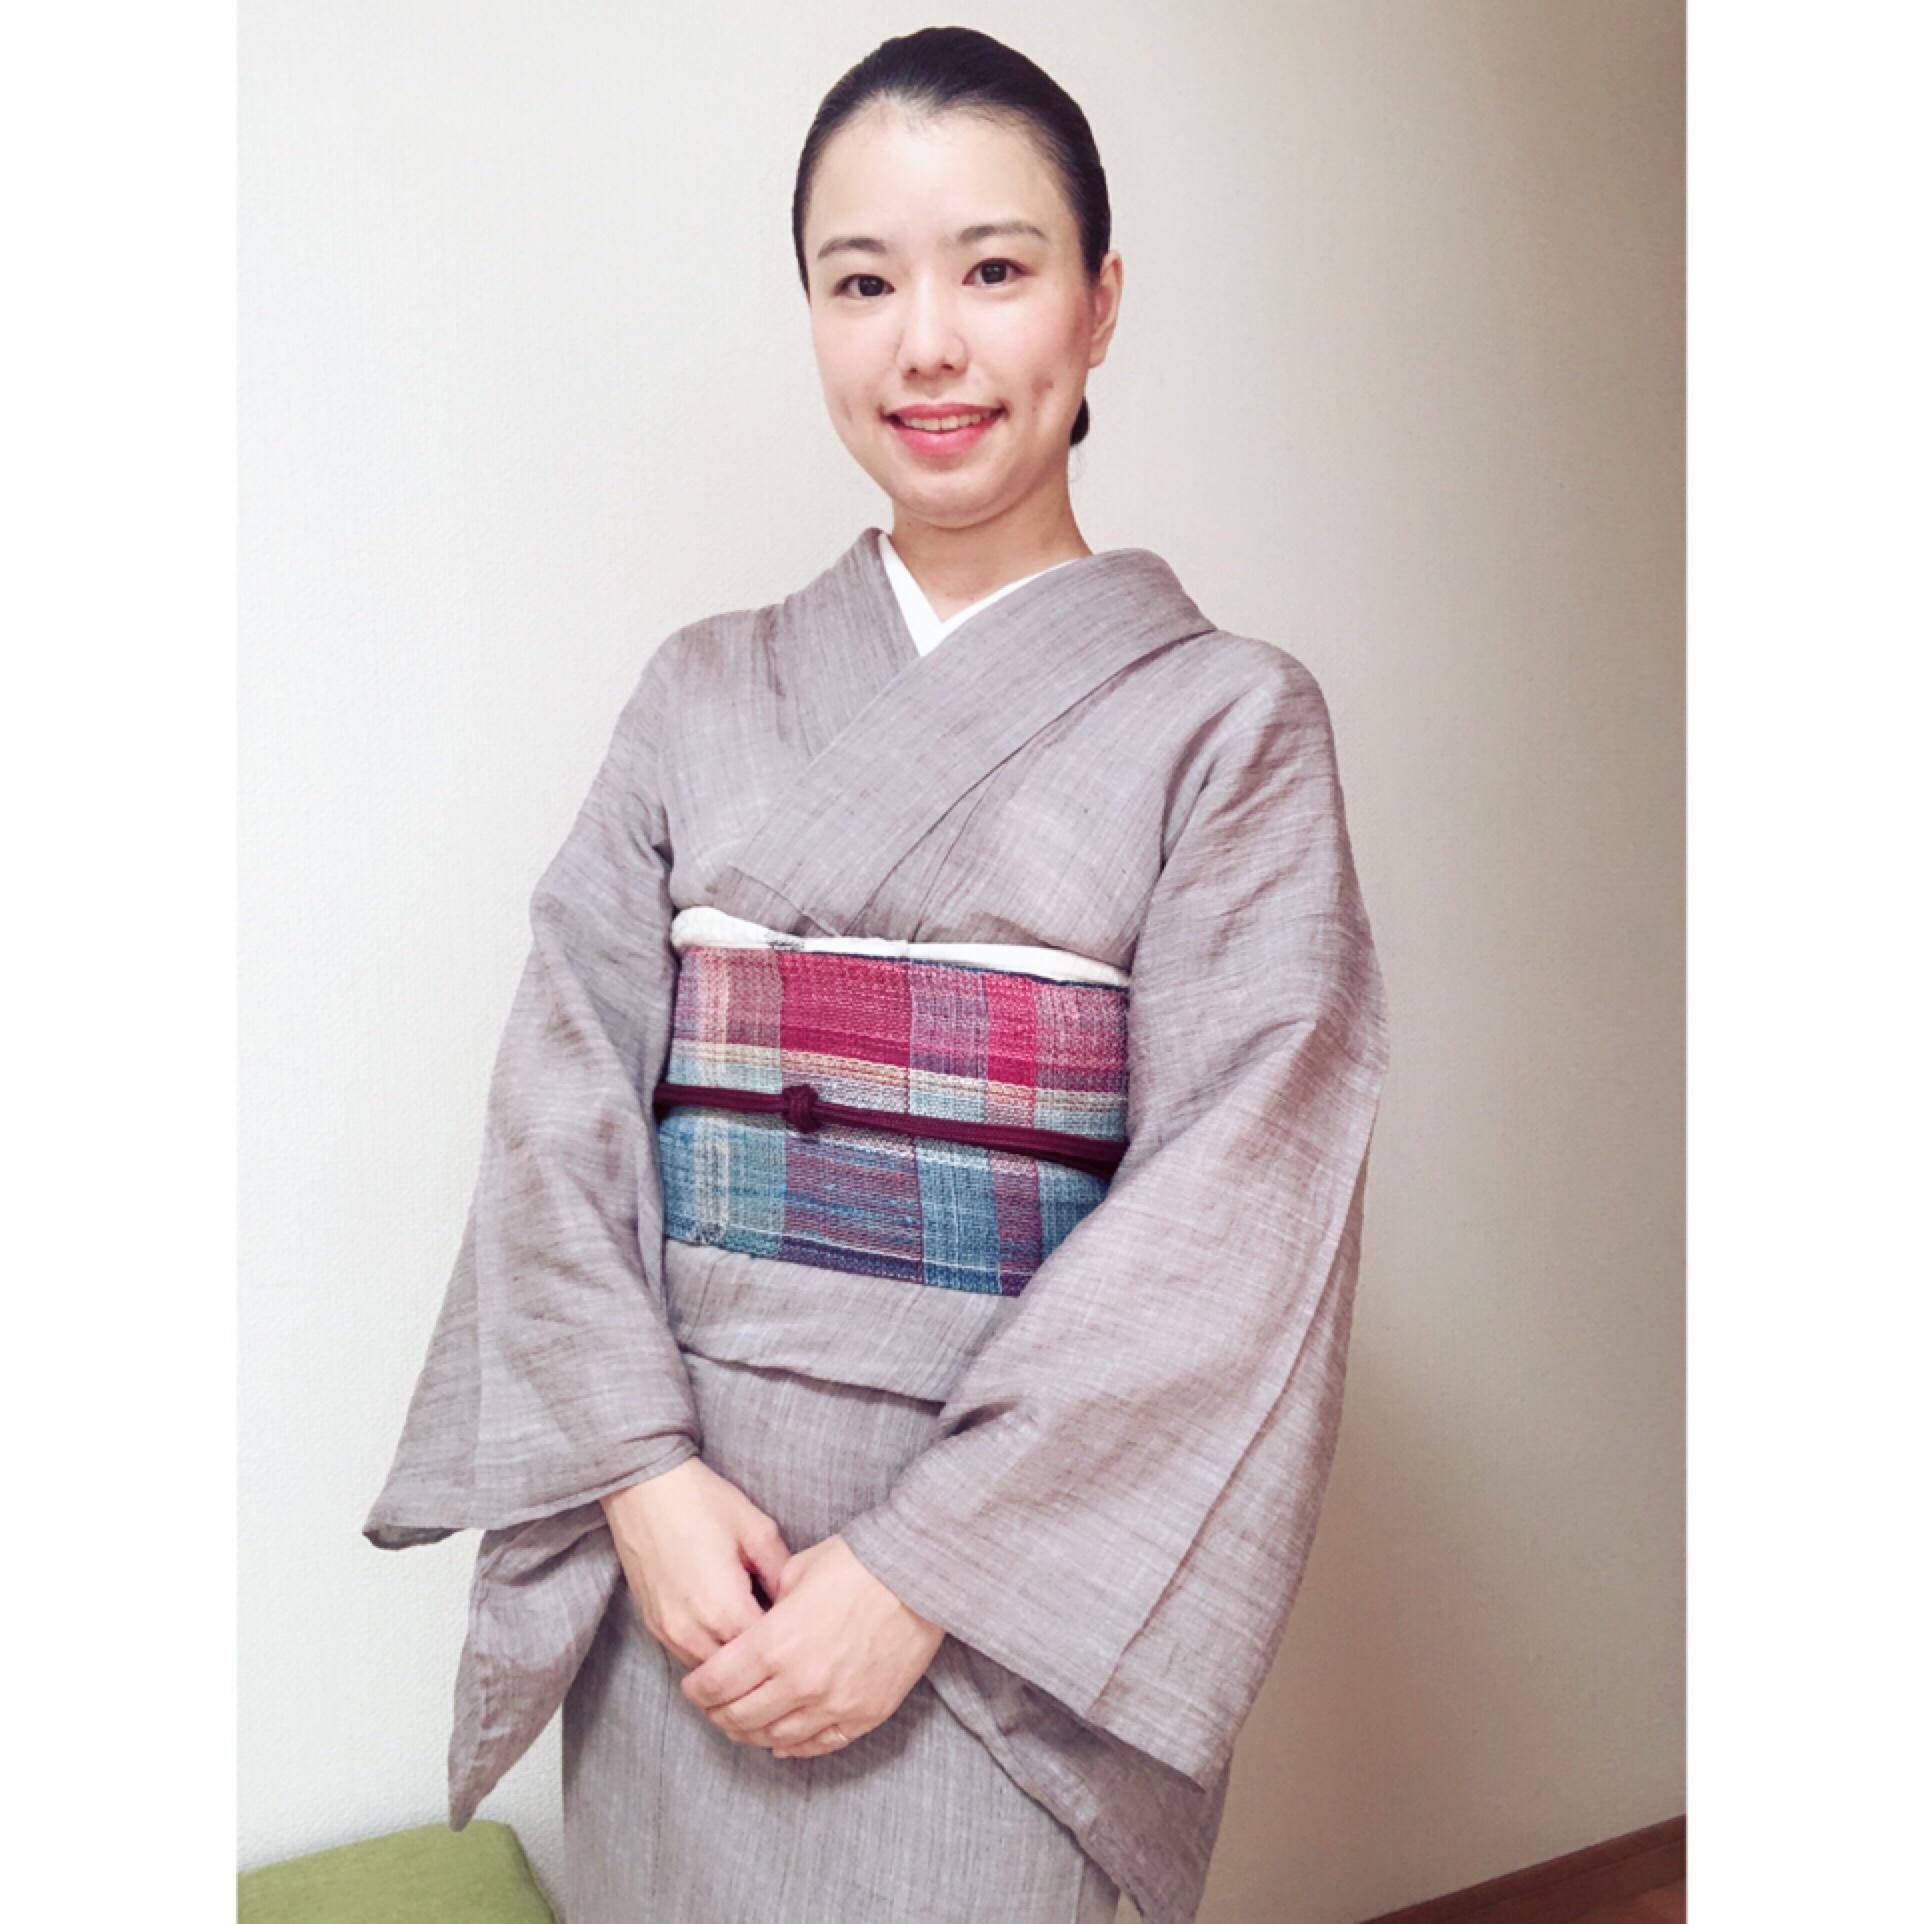 麻の着物と絞りの浴衣コーデ【大阪京橋の着付け教室きものたまより】